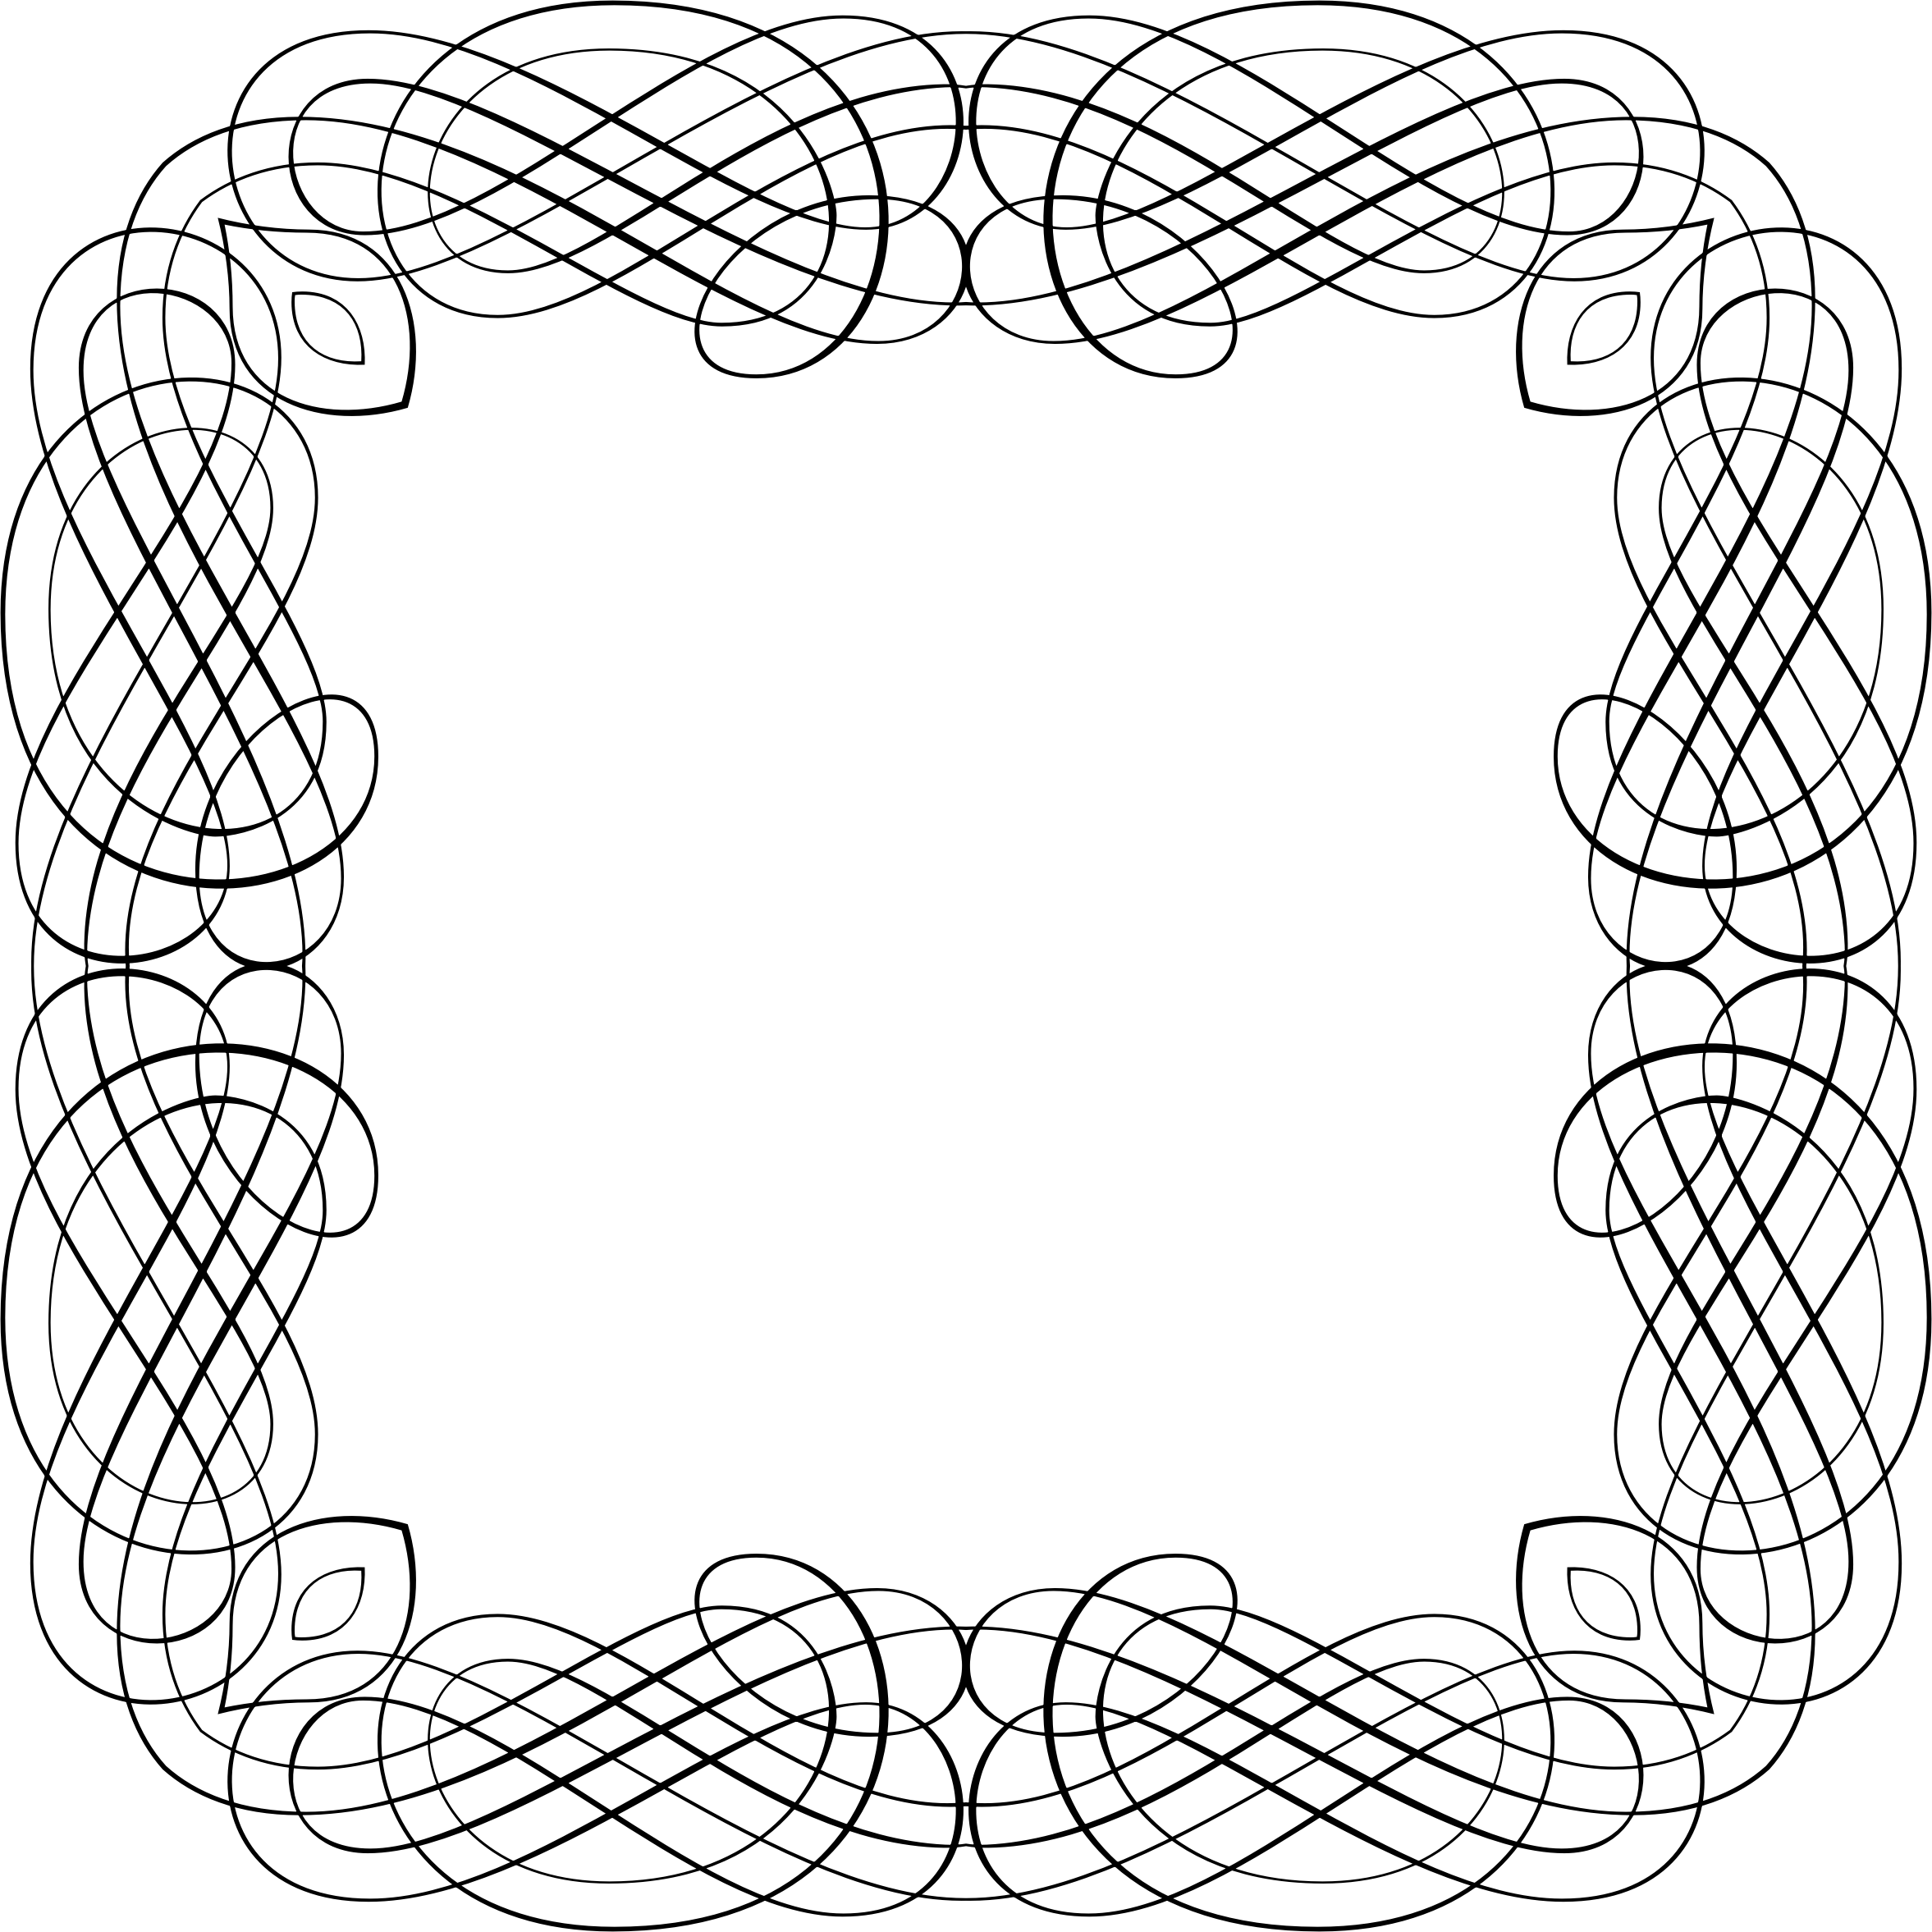 Line Art Frames : Clipart line art frame